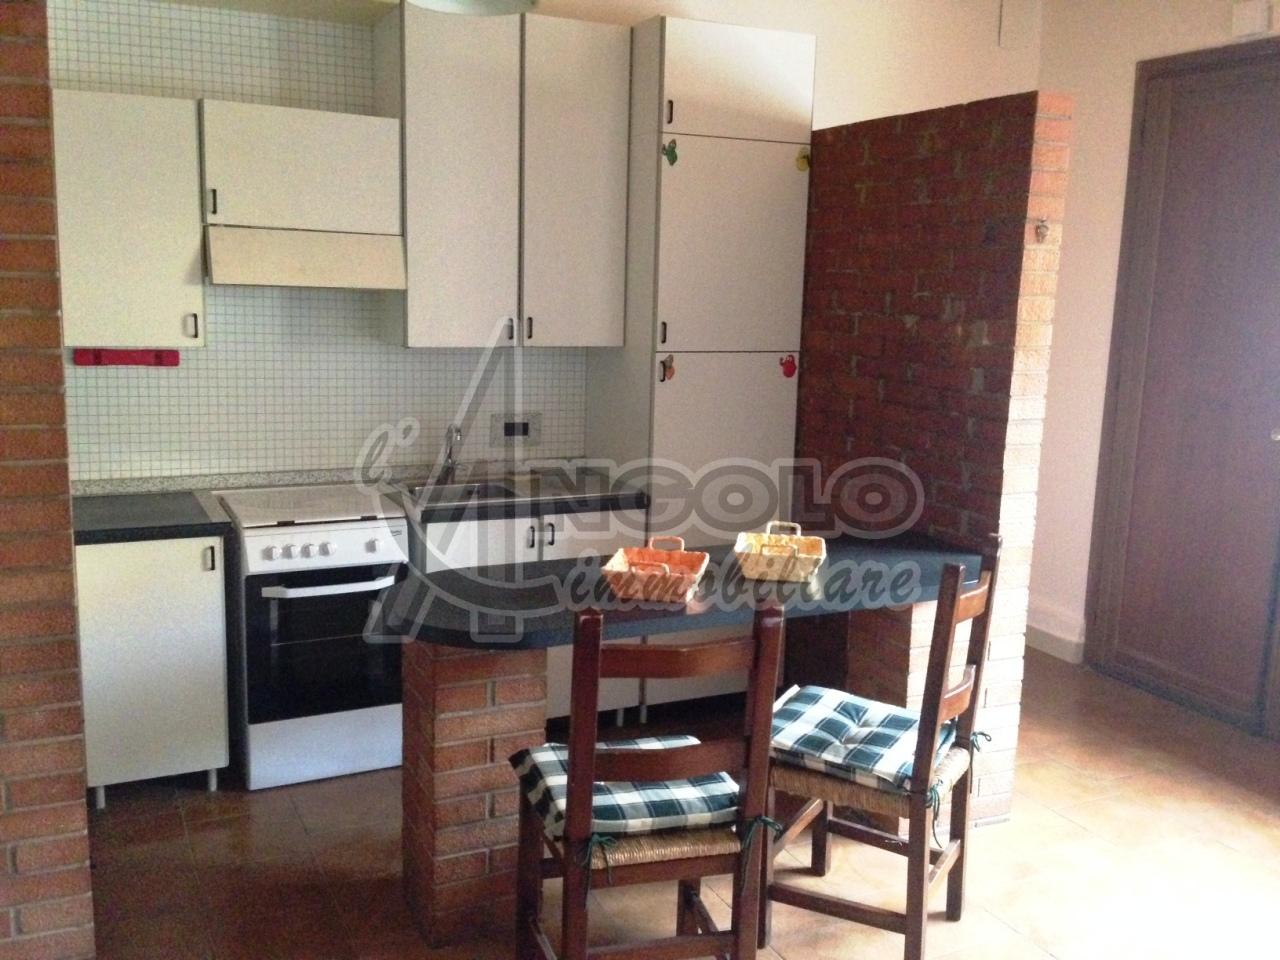 Appartamento in affitto a Occhiobello, 3 locali, prezzo € 330 | Cambio Casa.it